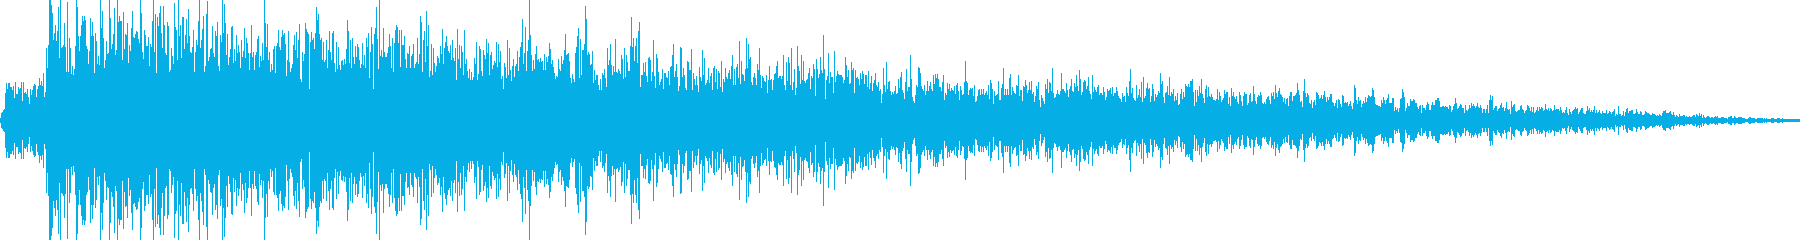 ロボット足音 タイプ9の再生済みの波形